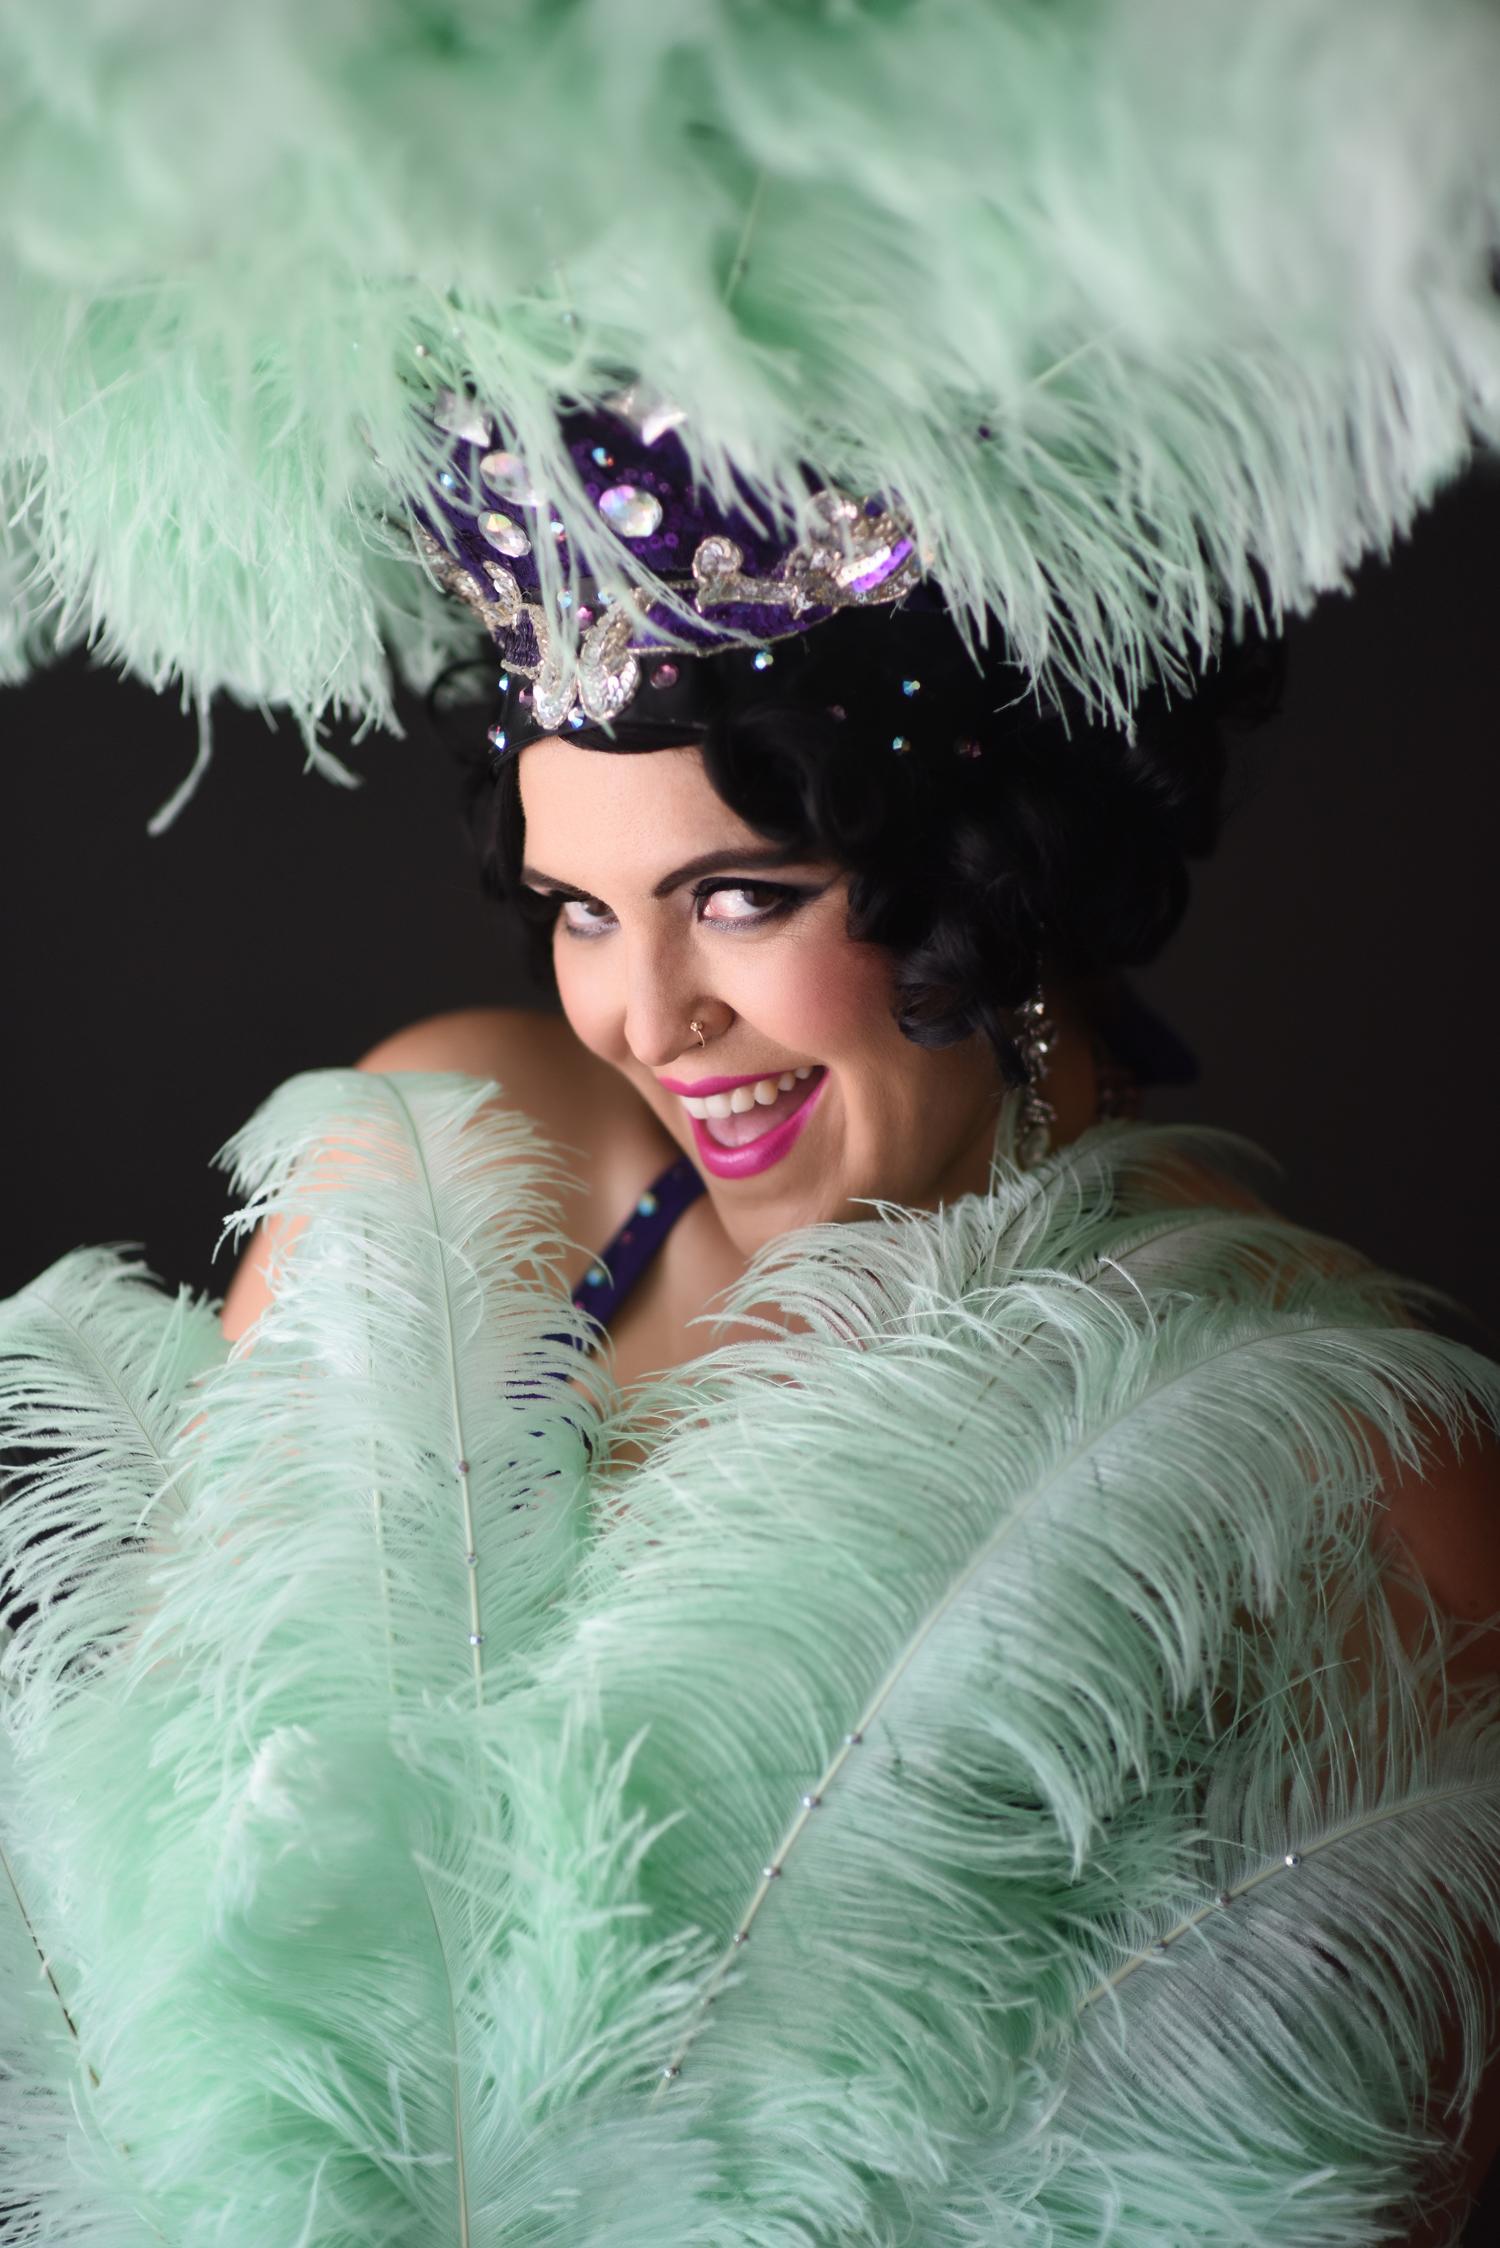 Burlesque Portraits Denver and Nashville by La Photographie 06.jpg